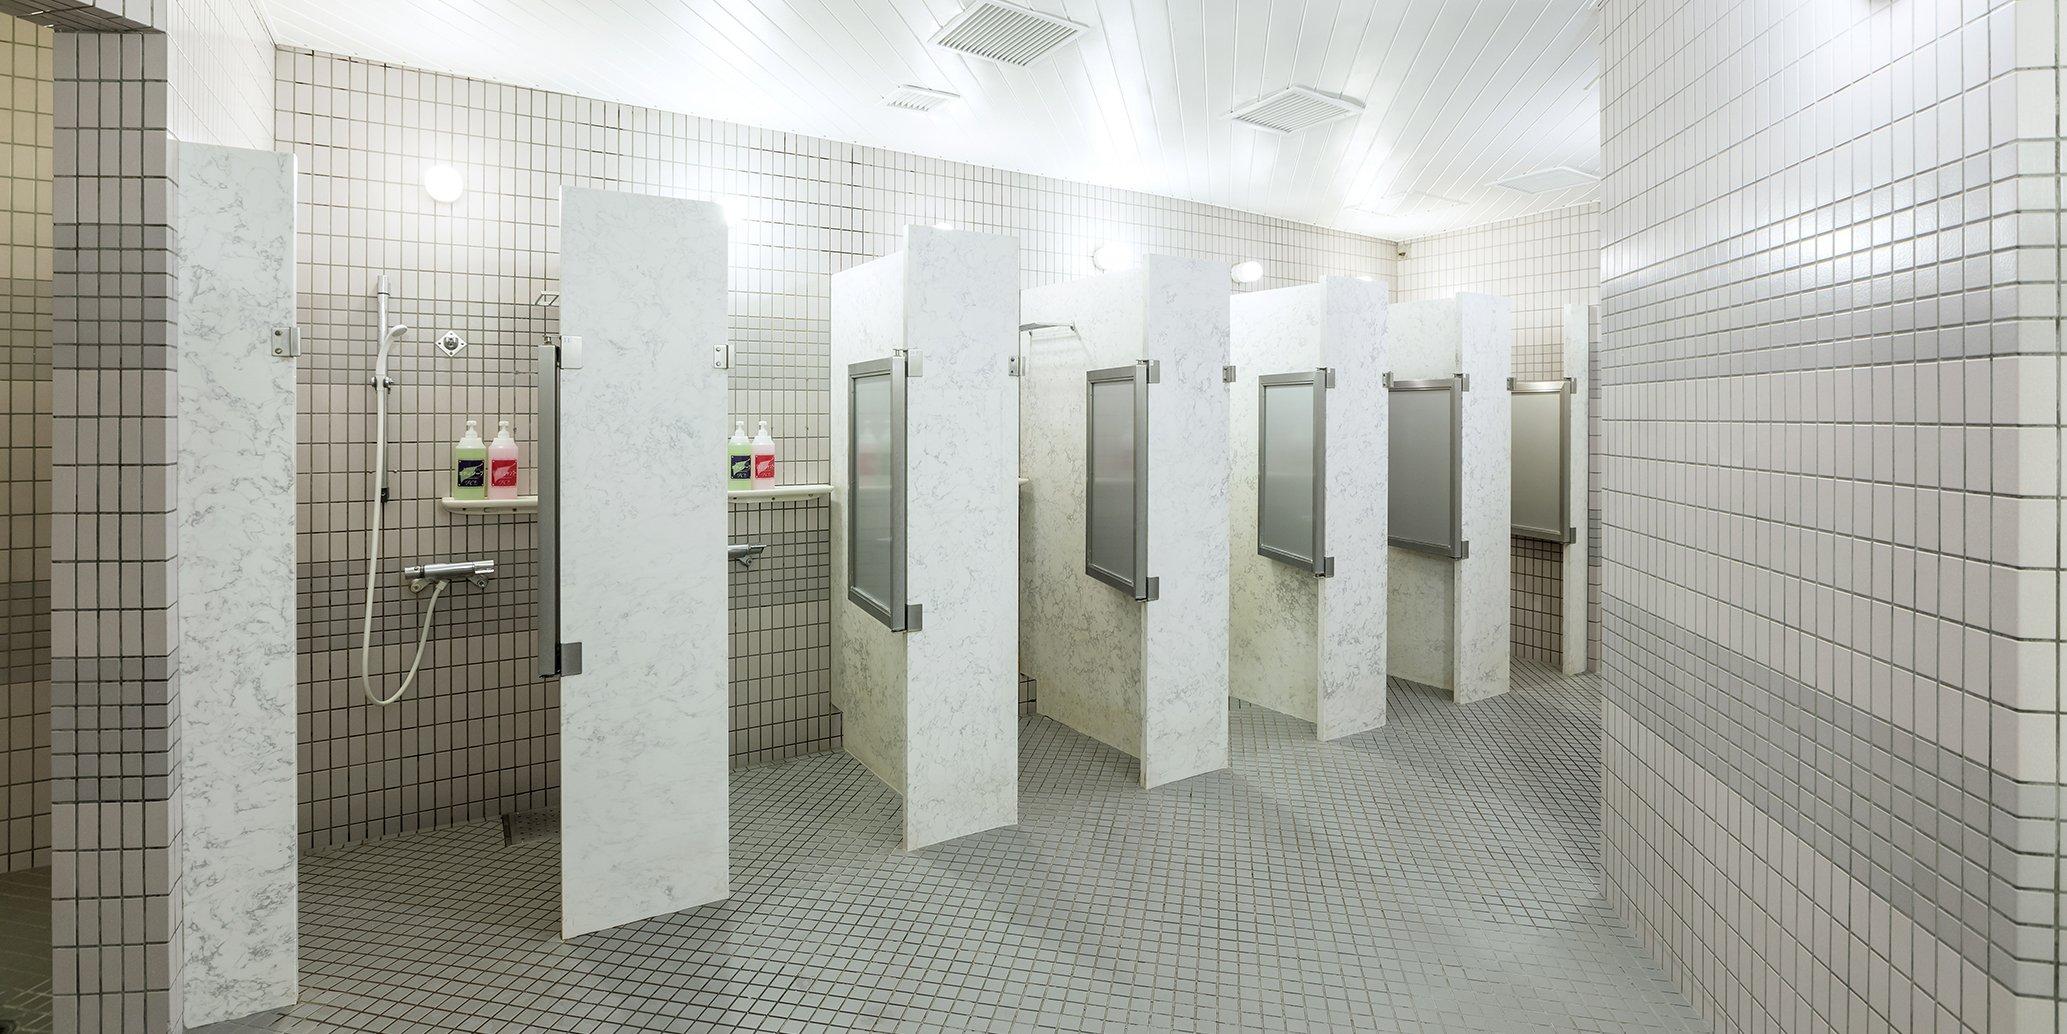 ティップネス梅田店の施設